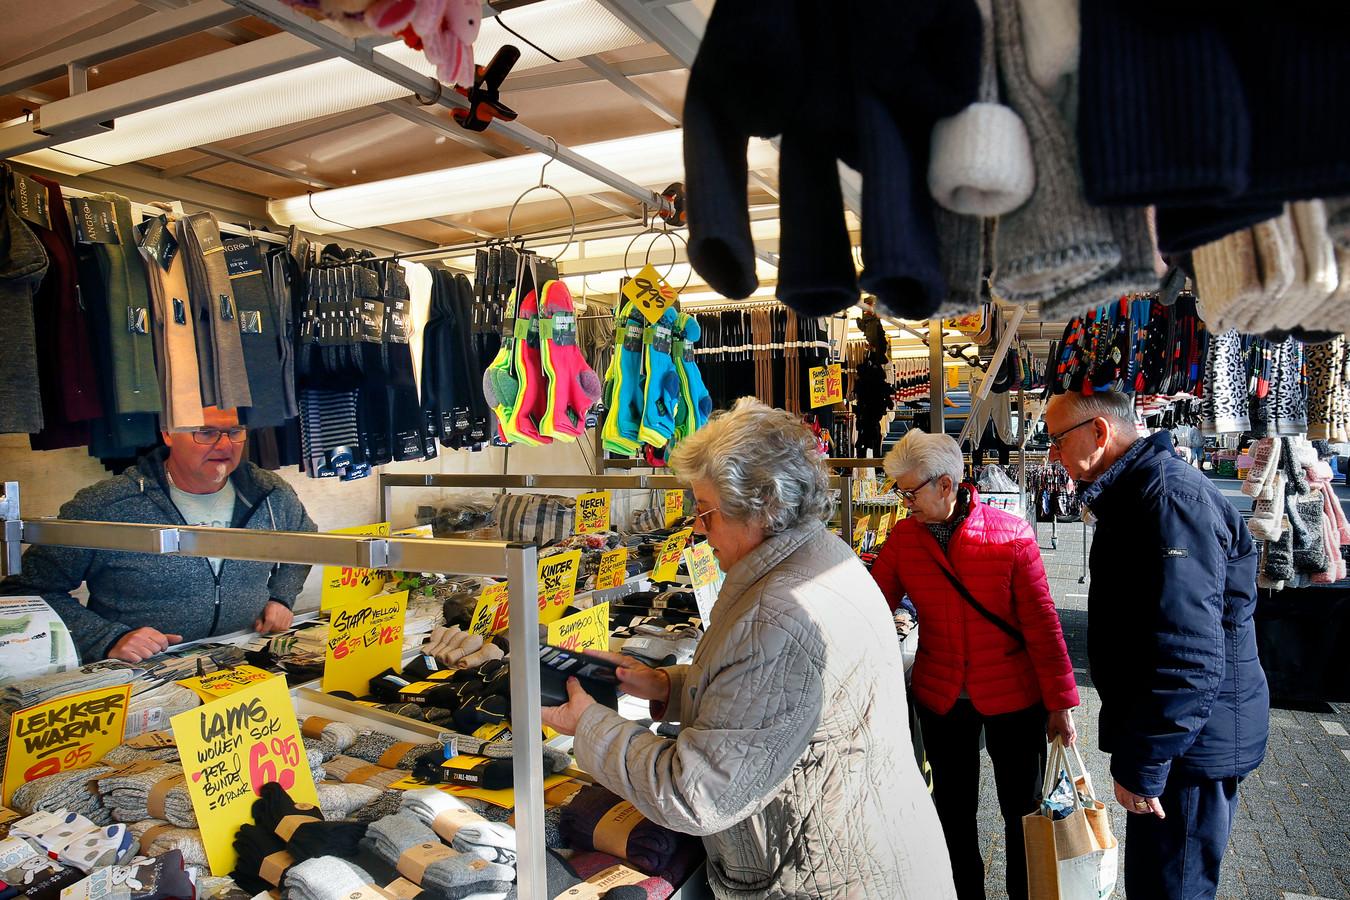 De weekmarkt in Werkendam, waar sinds zaterdag weer non-foodproducten verkocht mochten worden. Vanaf maandag 3 mei is ook op de markt in Gorinchem weer non-food verkrijgbaar.